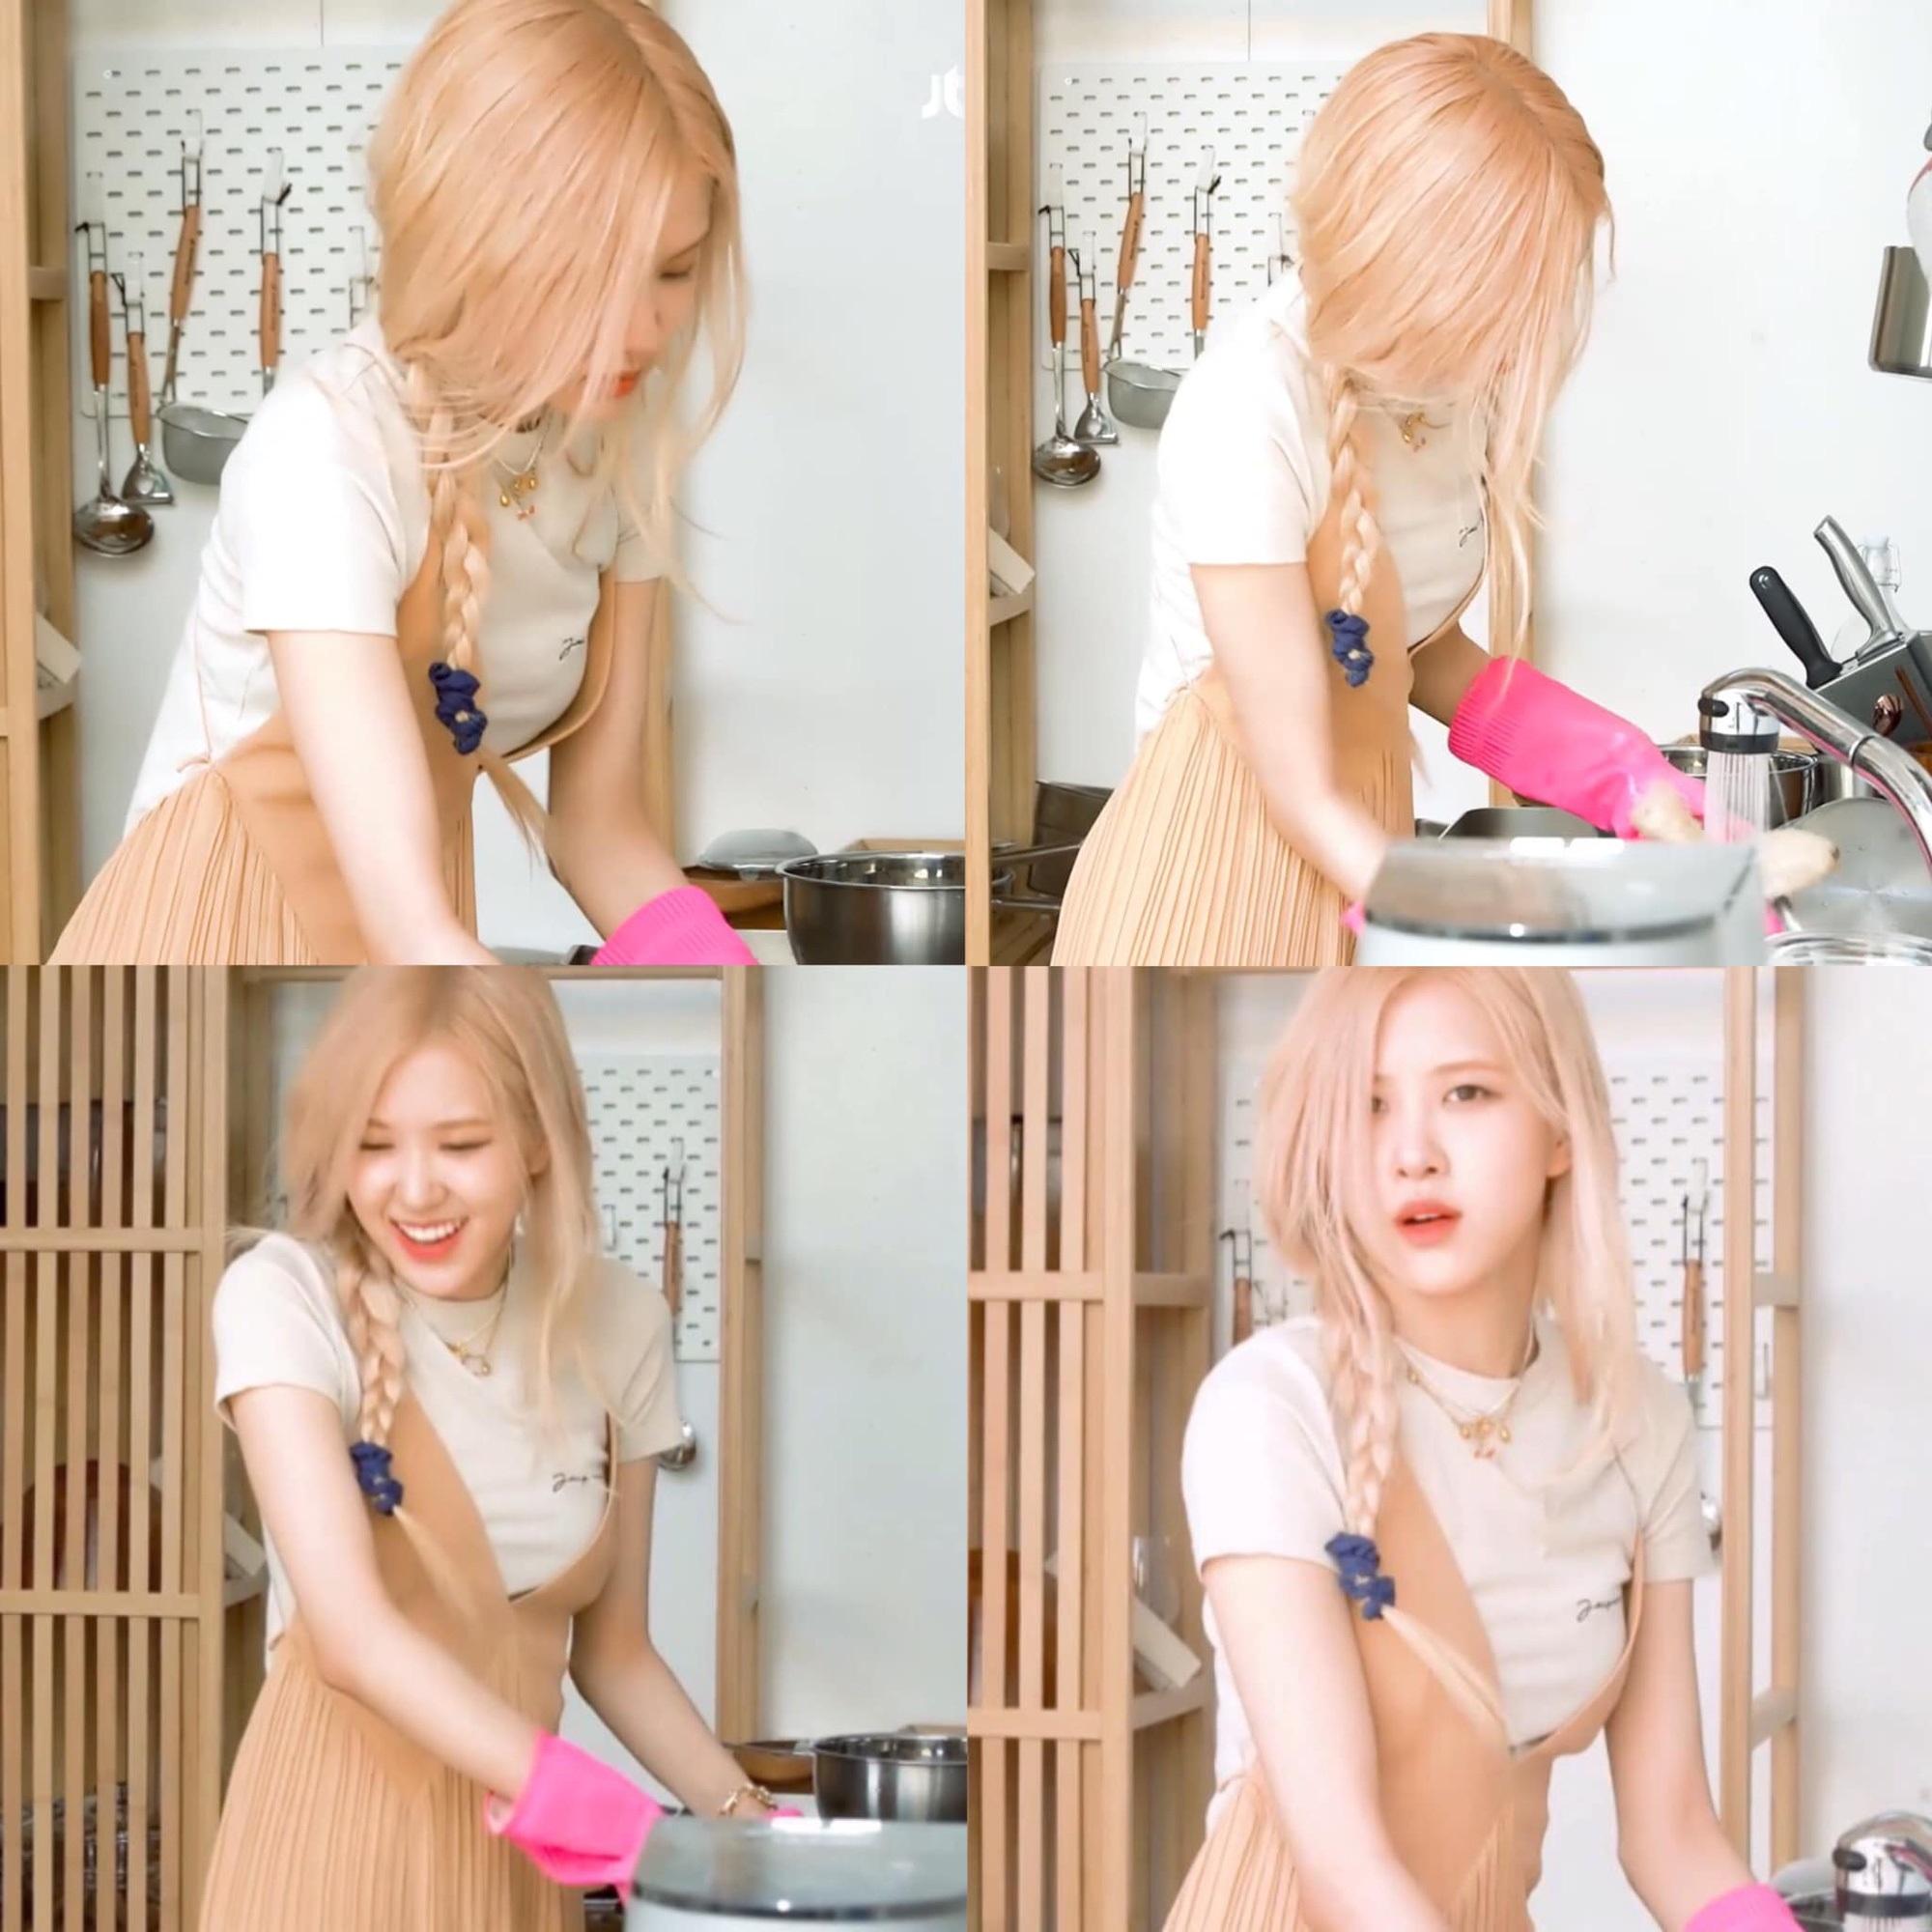 Kiểu tóc 'cưa sừng' được loạt mỹ nhân châu Á lăng xê: Song Hye Kyo và Angela Baby đều có cú nhảy vọt nhan sắc - Ảnh 4